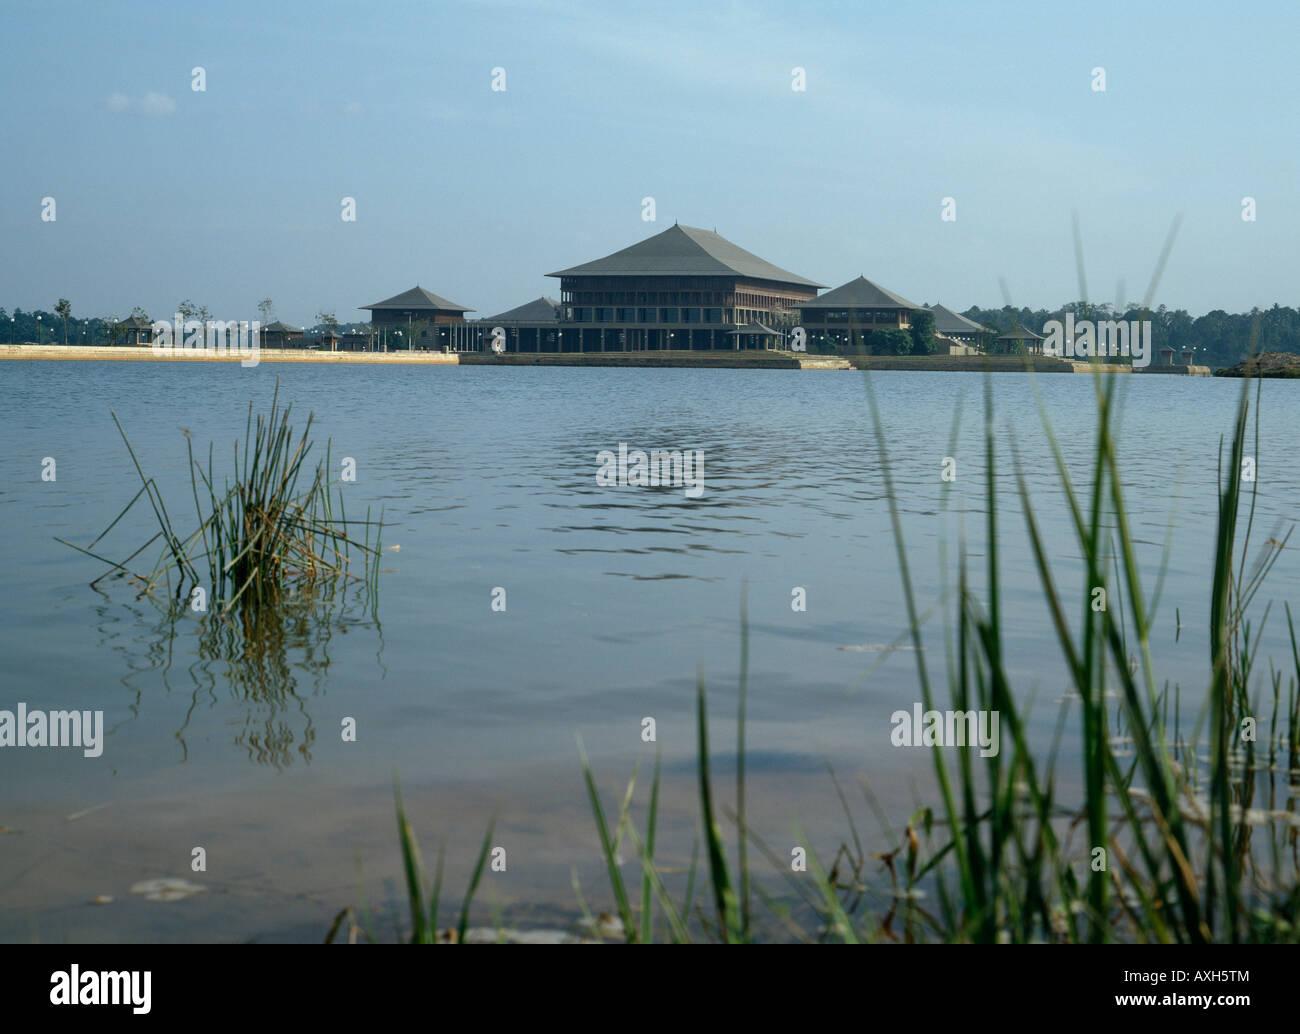 Parliament of Sri Lanka, Columbo. Architect: Geoffrey Bawa - Stock Image